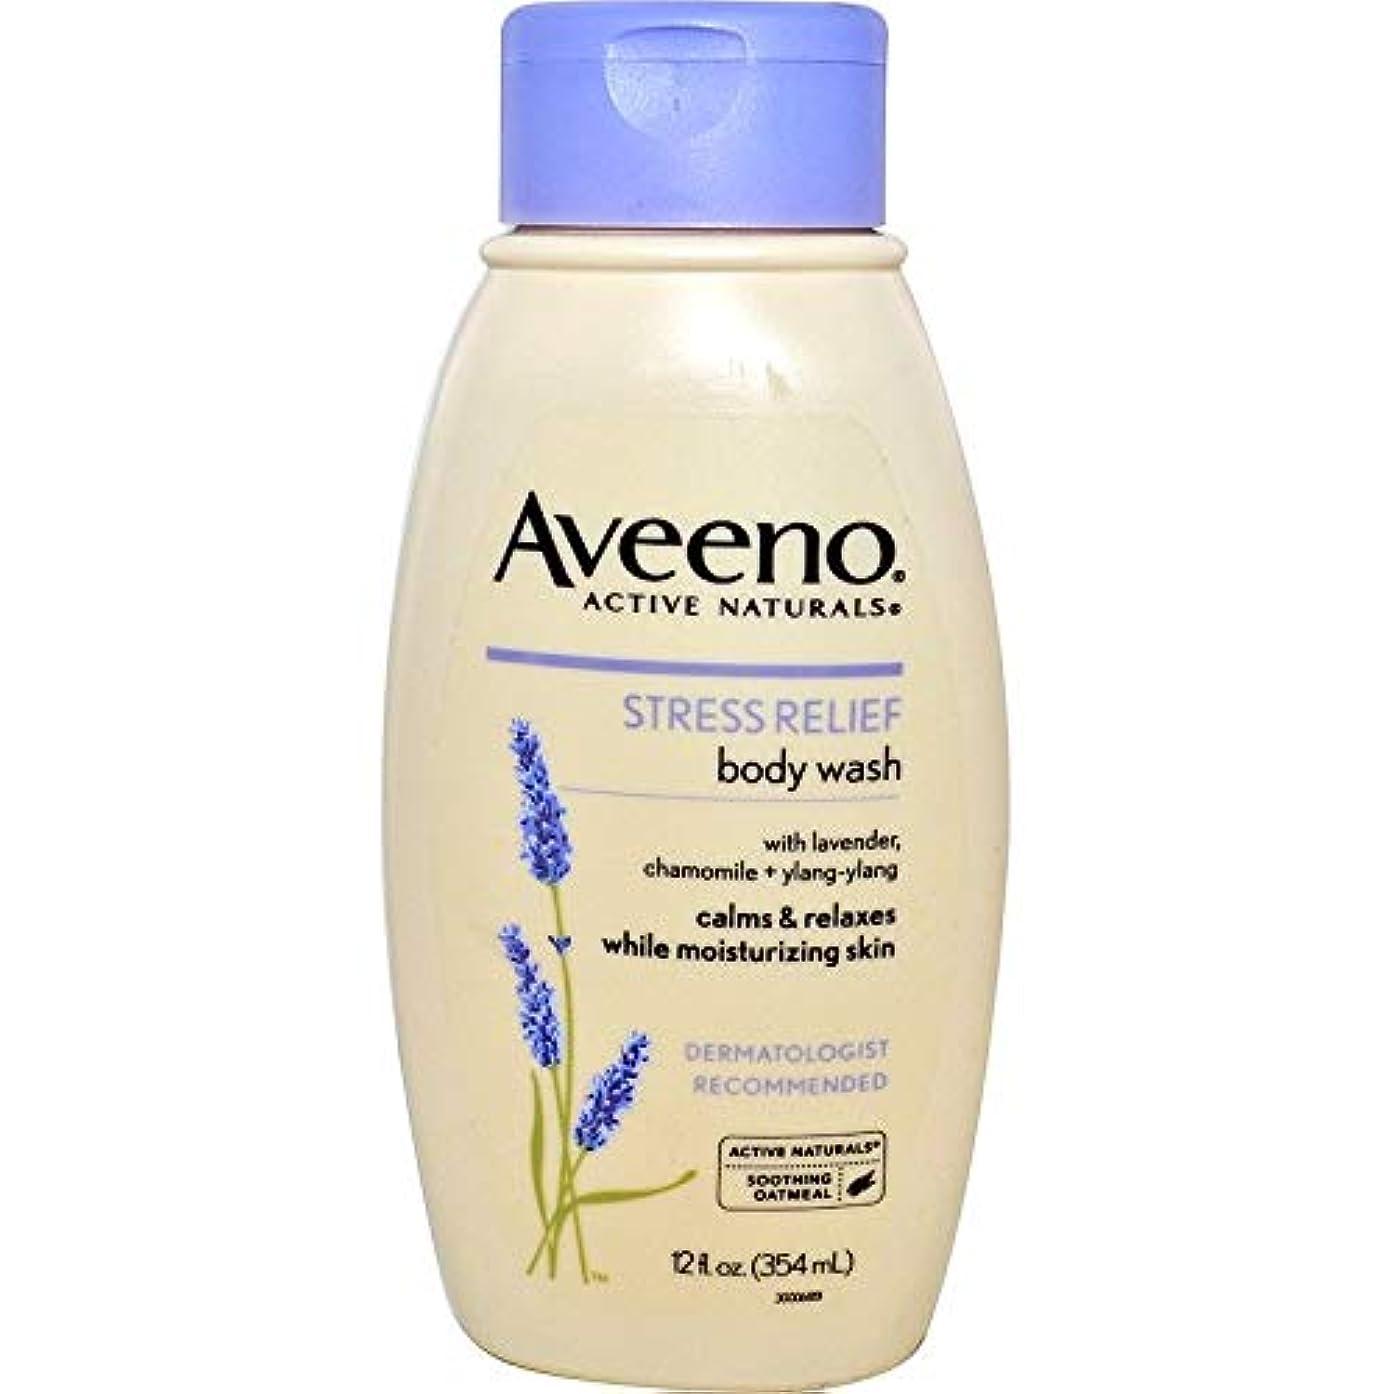 パーツソロインタビューAveeno Stress Relief Body Wash 12 fl oz by AveenoX 2 Pack [並行輸入品]